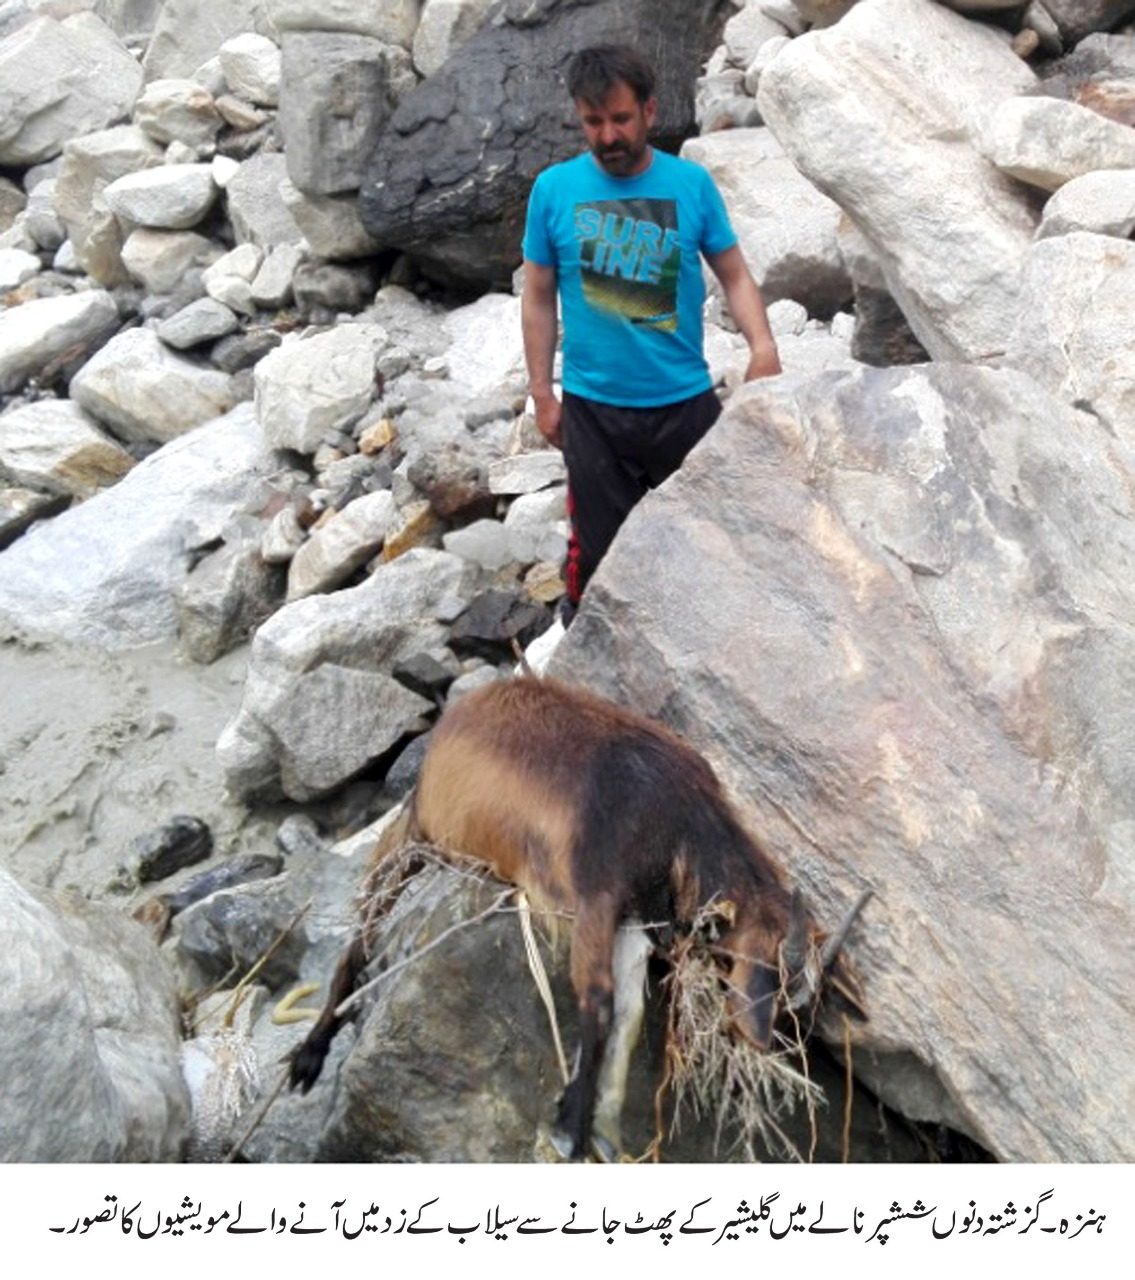 ہنزہ: ششپرنالے میں سیلاب غریب چرواہے کا درجنوں مال مویشی بہا لے گیا